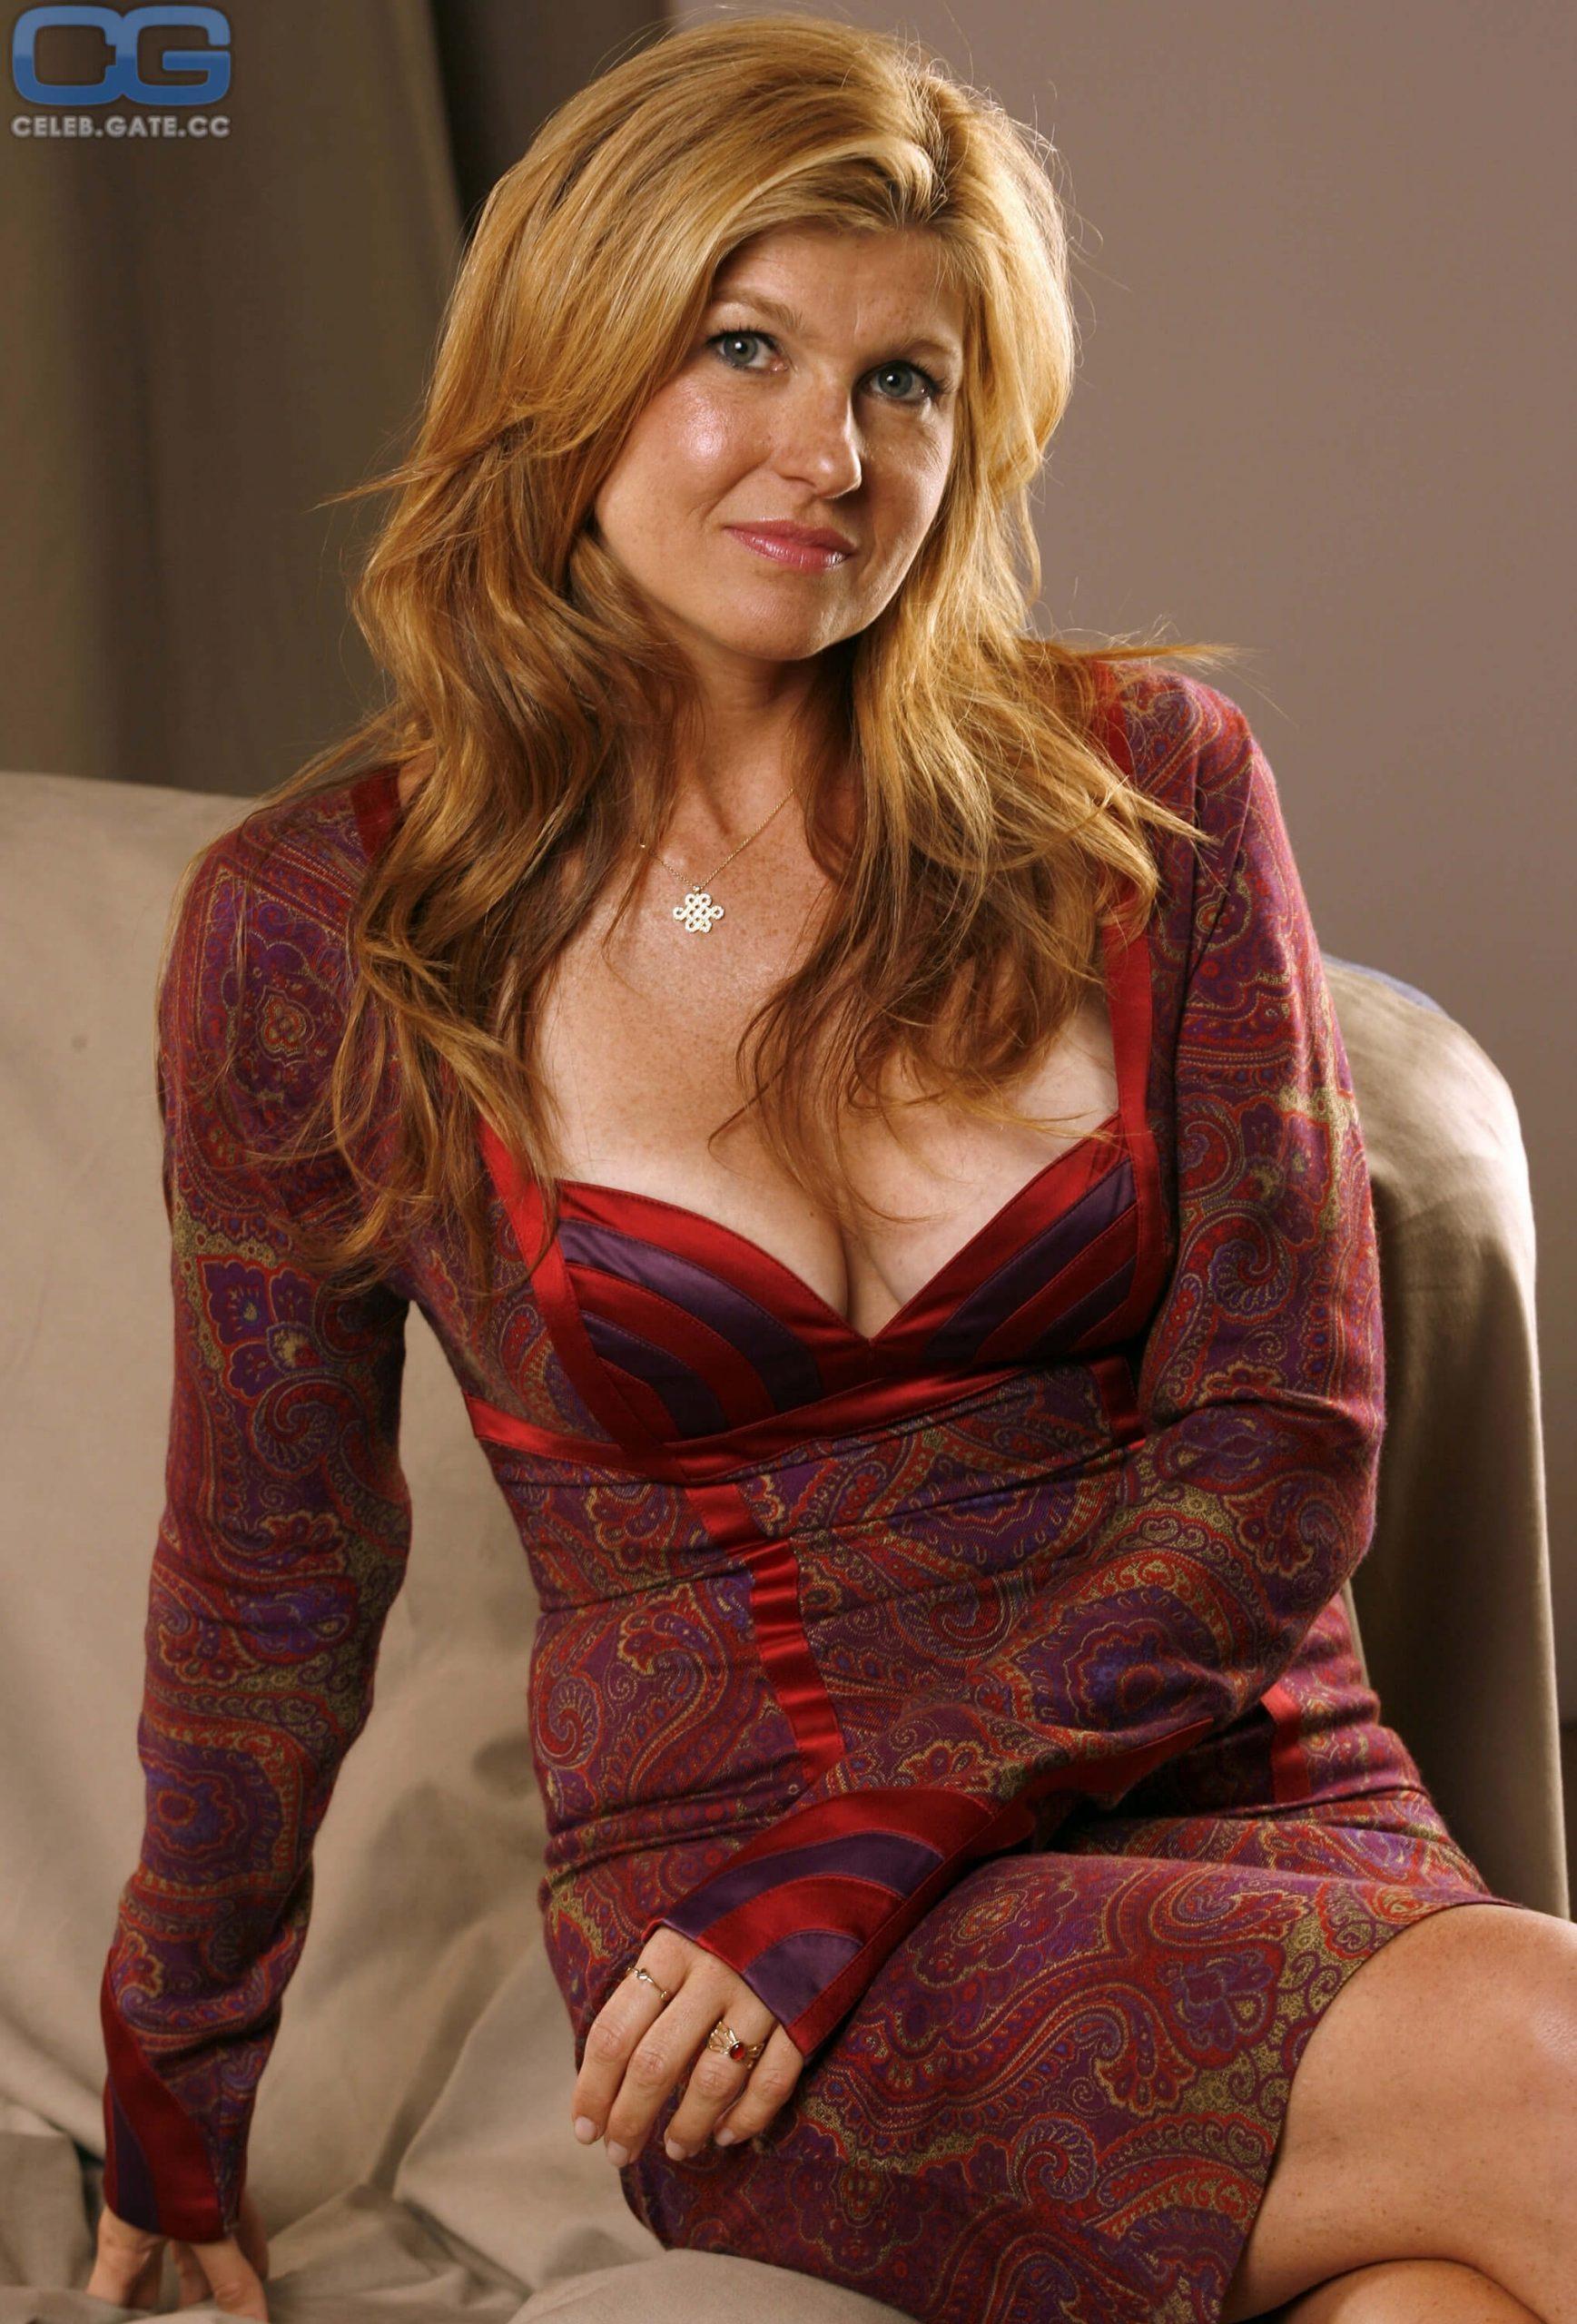 Connie-Britton-sexy-cleavage